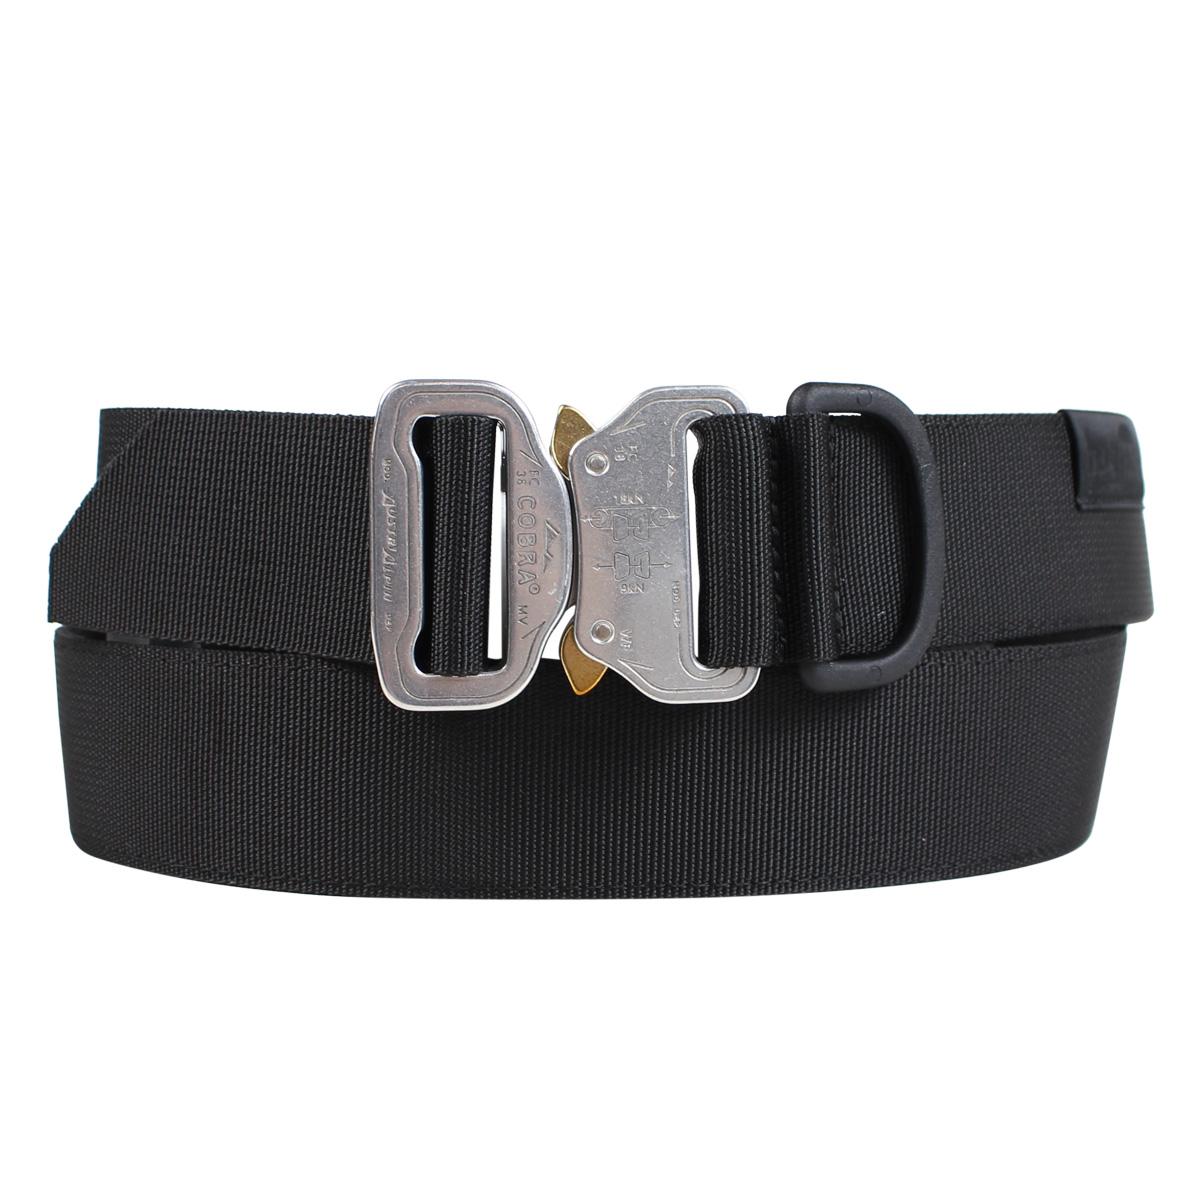 bagjack バッグジャック ベルト コブラ バックル メンズ COBLA BELT NEXT LEVEL NXL 40 POLISHED ブラック 黒